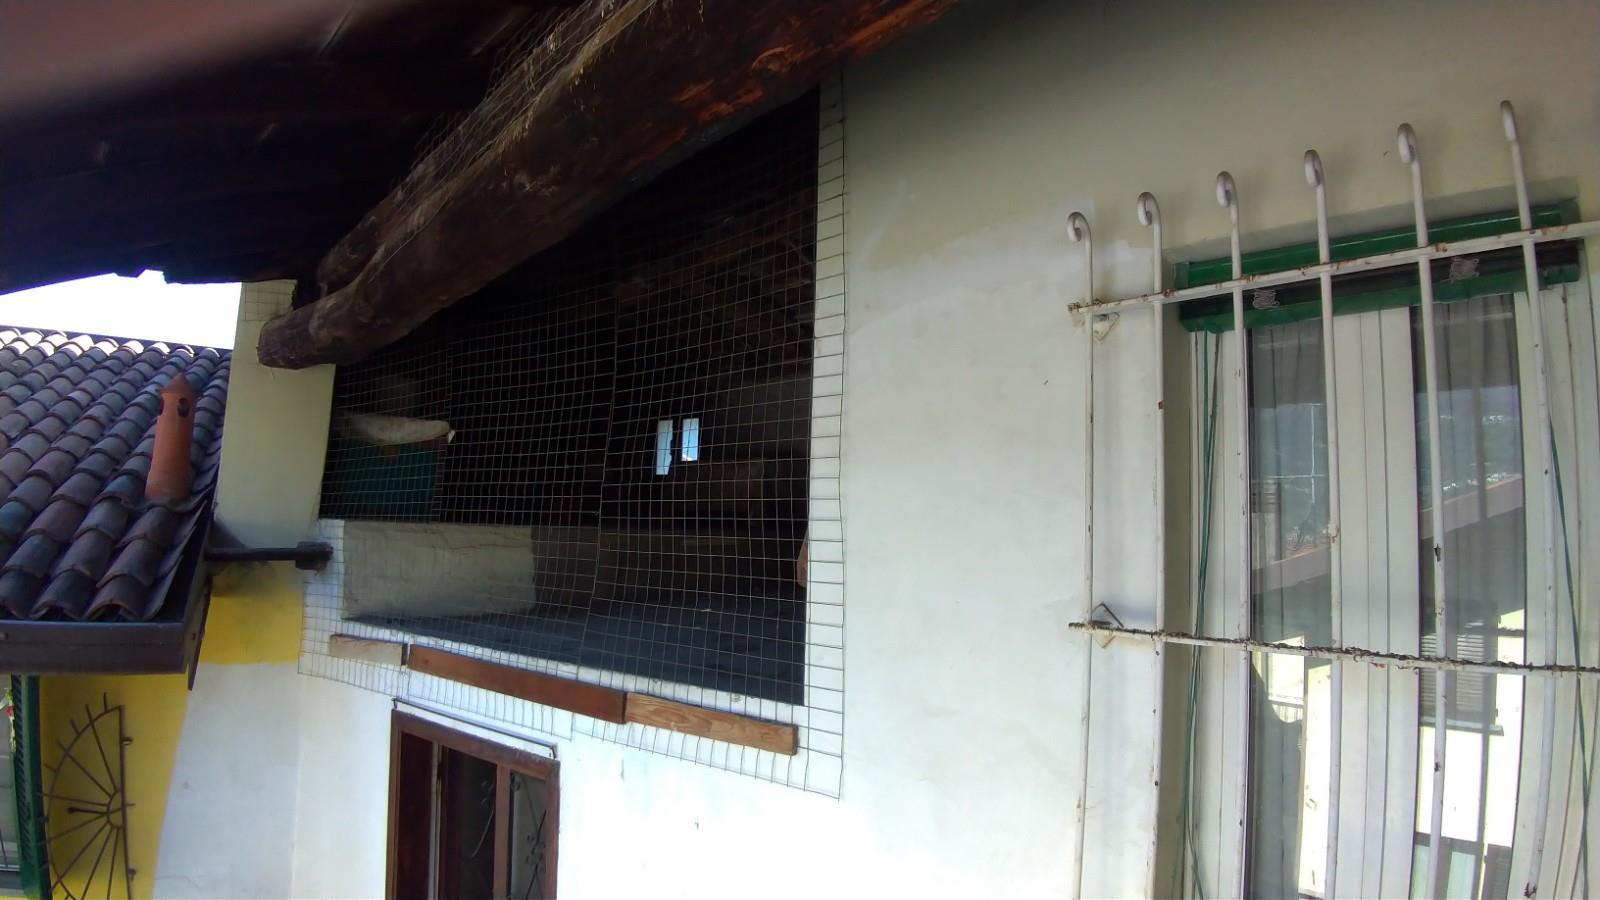 Foto 11 - Casa indipendente in Vendita - Valgreghentino (Lecco)